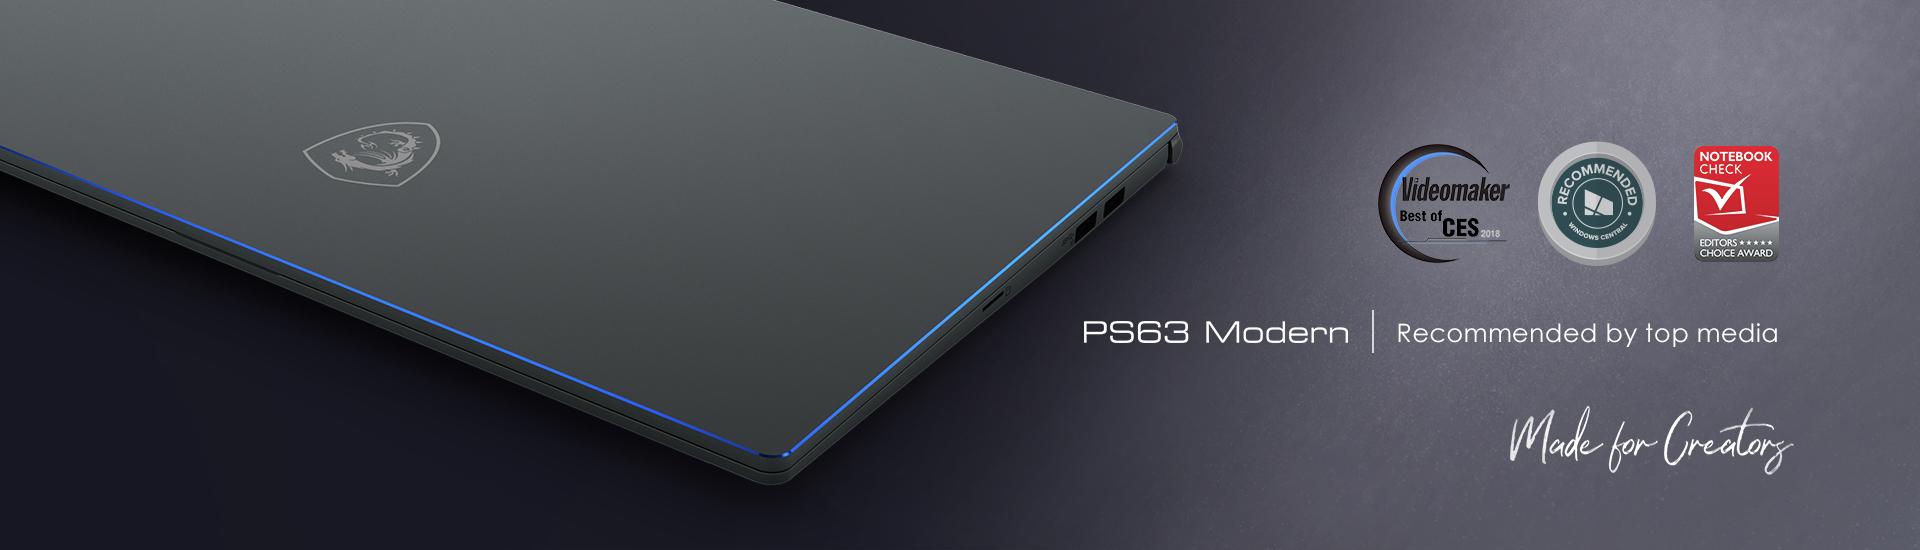 PS63 Award